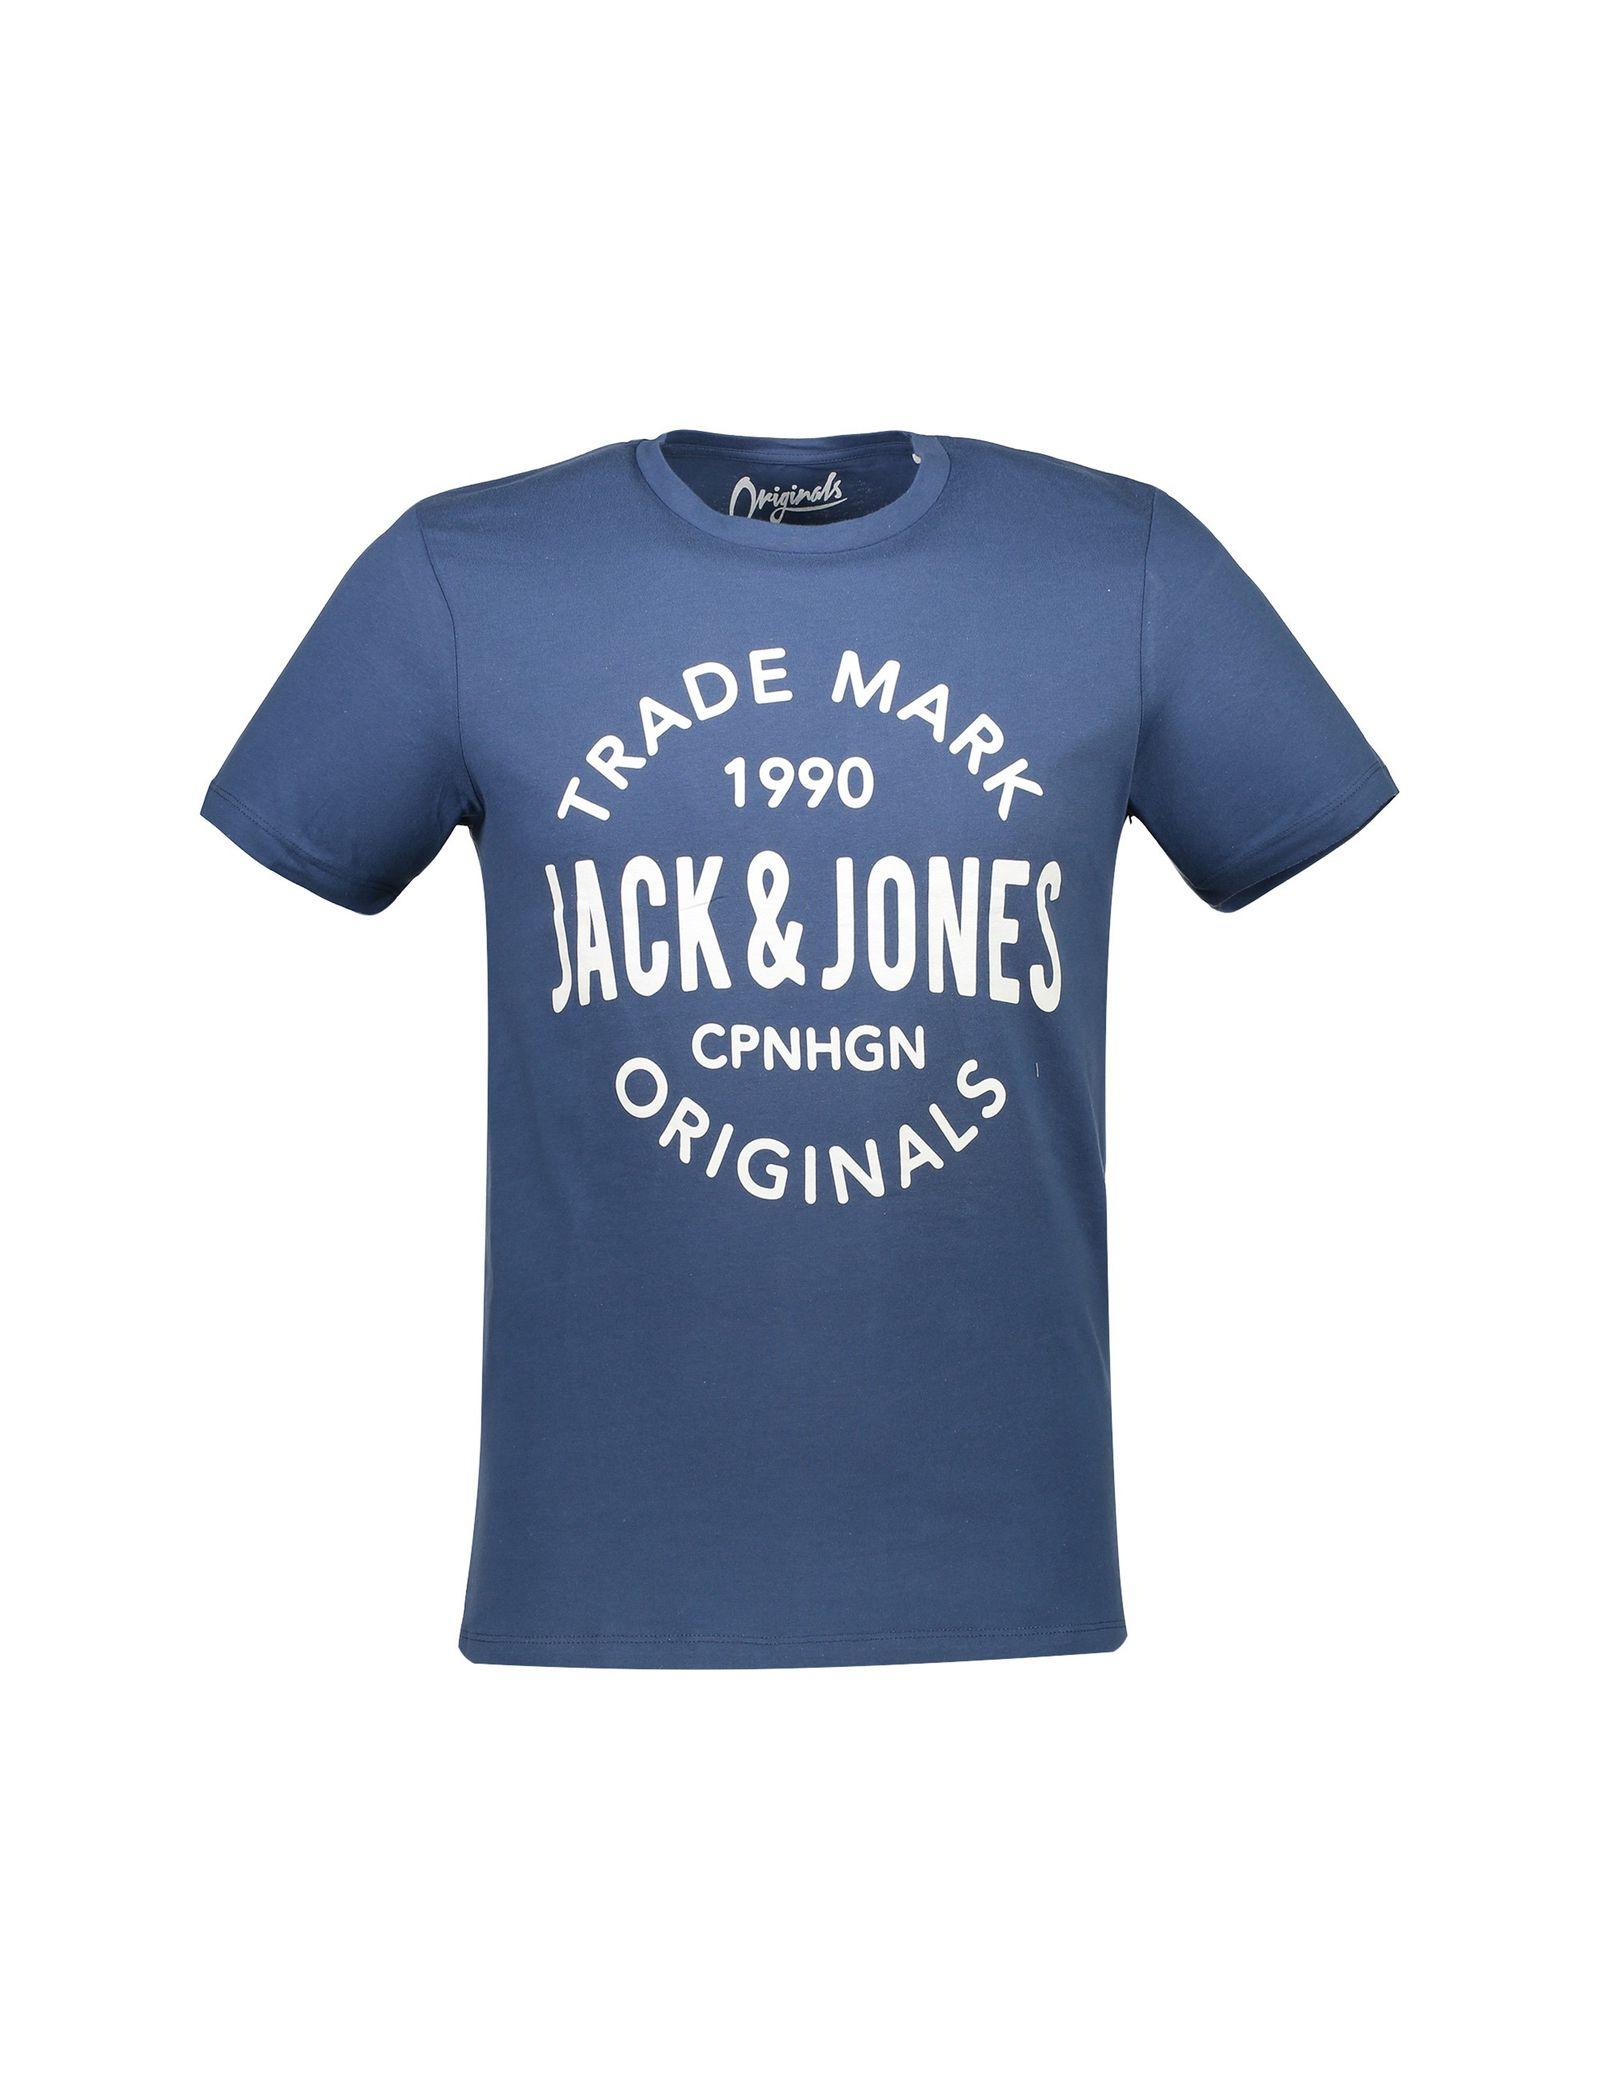 تی شرت نخی یقه گرد مردانه - جک اند جونز - آبي - 1